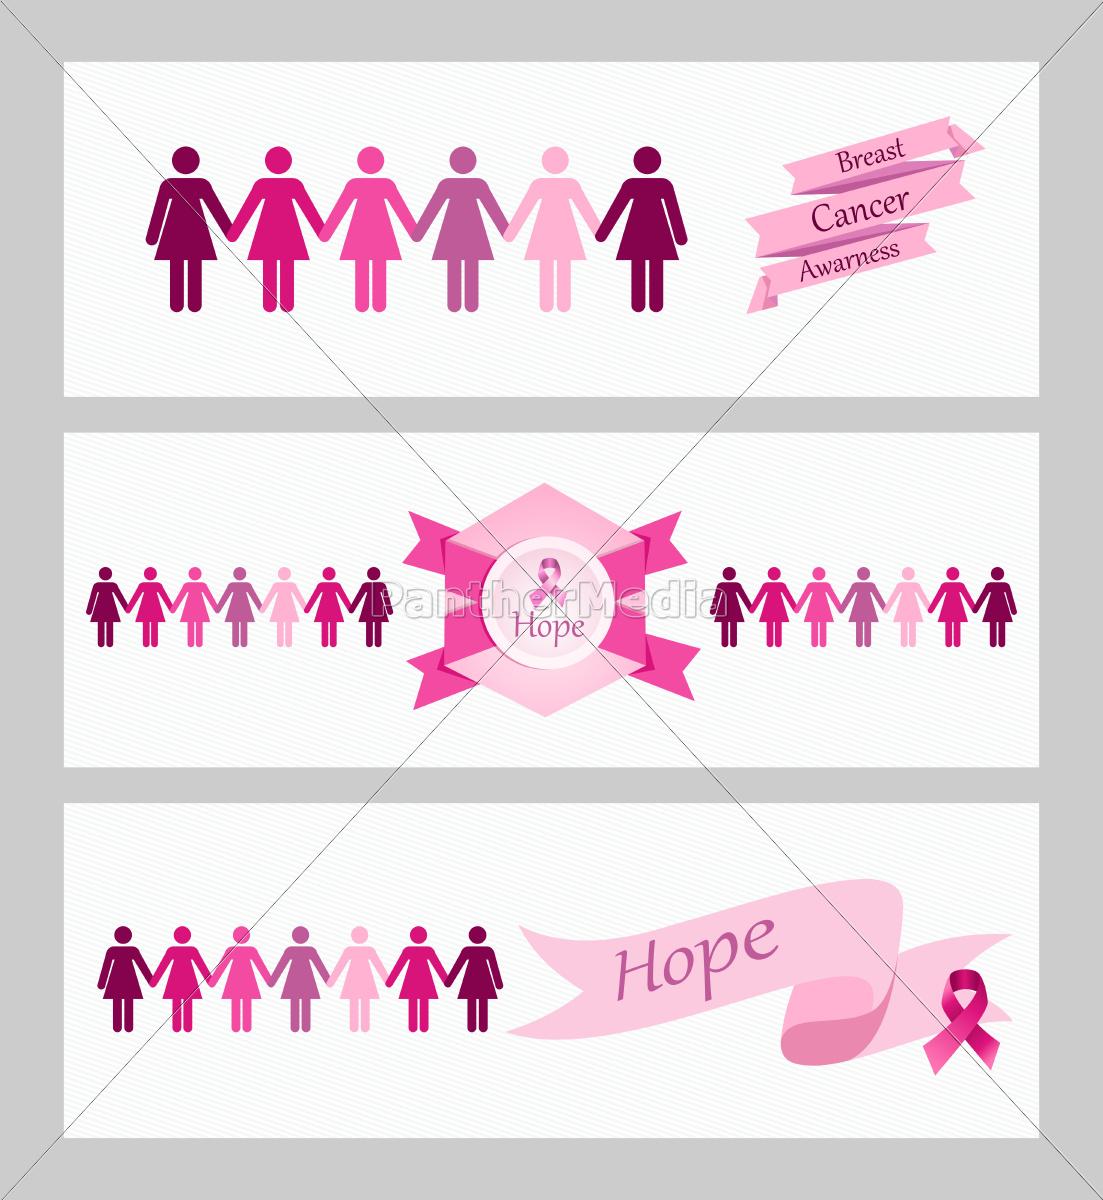 Świadomość, raka, piersi, wstęgi, banerów, internetowych - 10113743